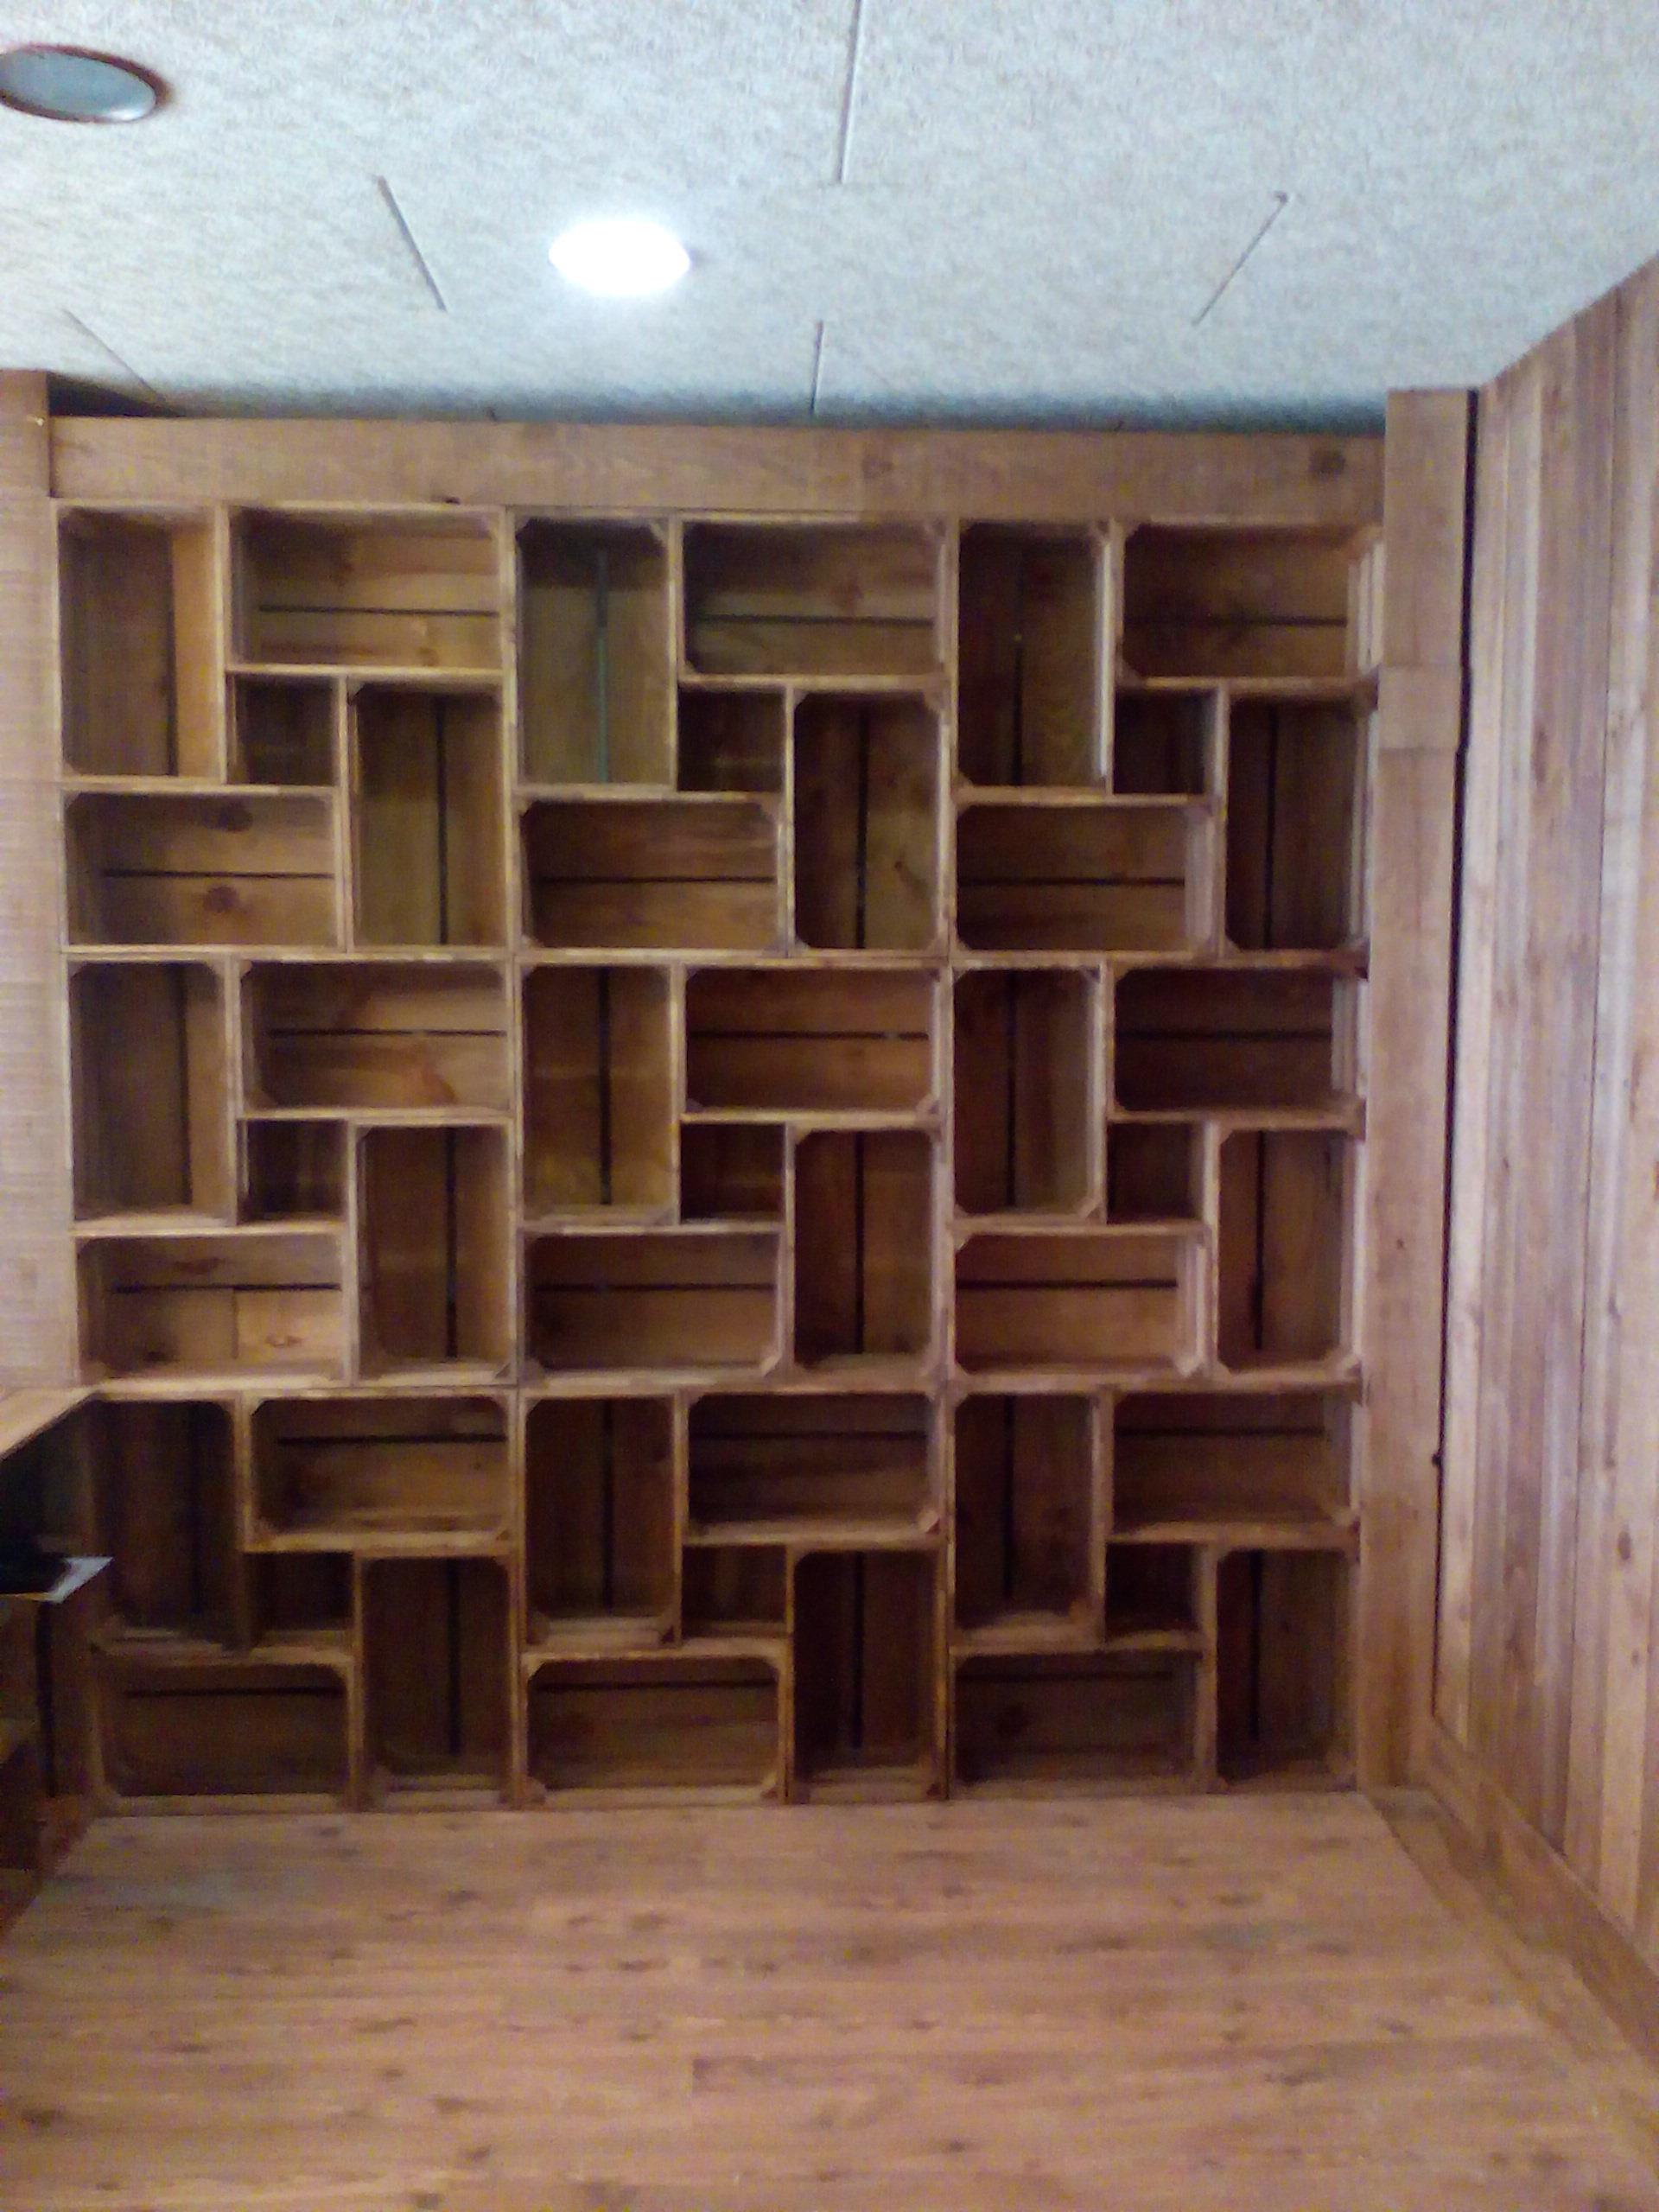 Mural de cajas tipo estanteria